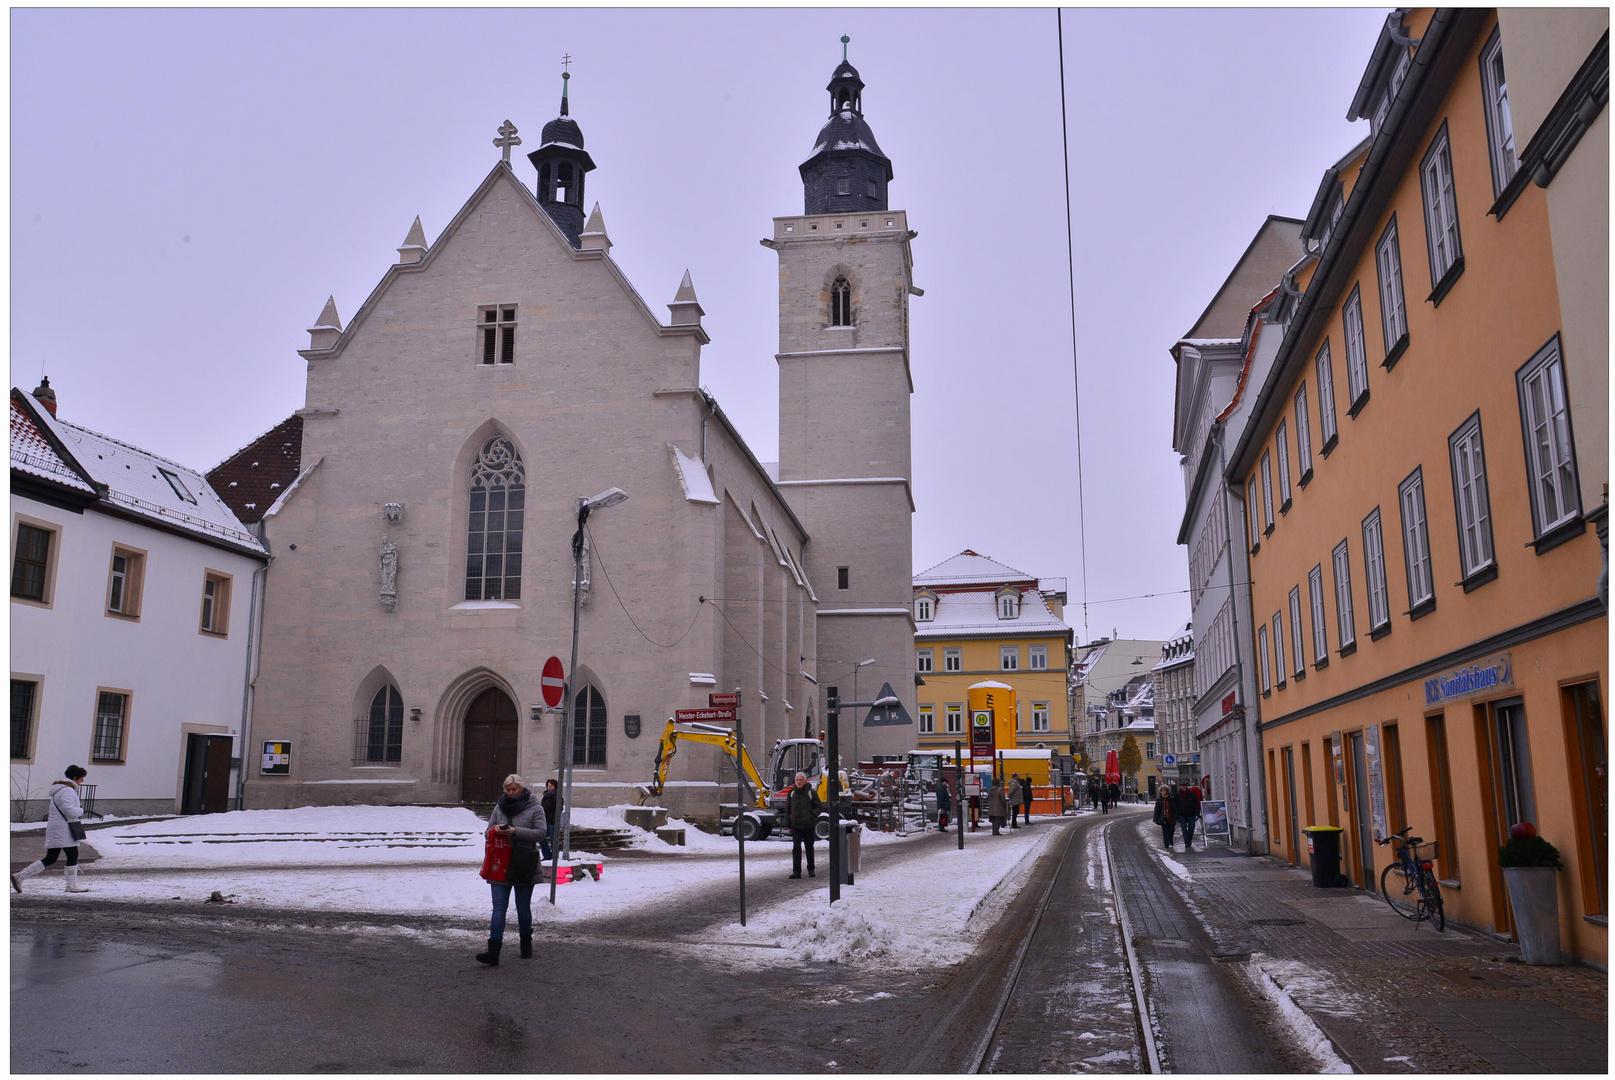 estar de visita en Erfurt, 7 (Besuch in Erfurt, 7)